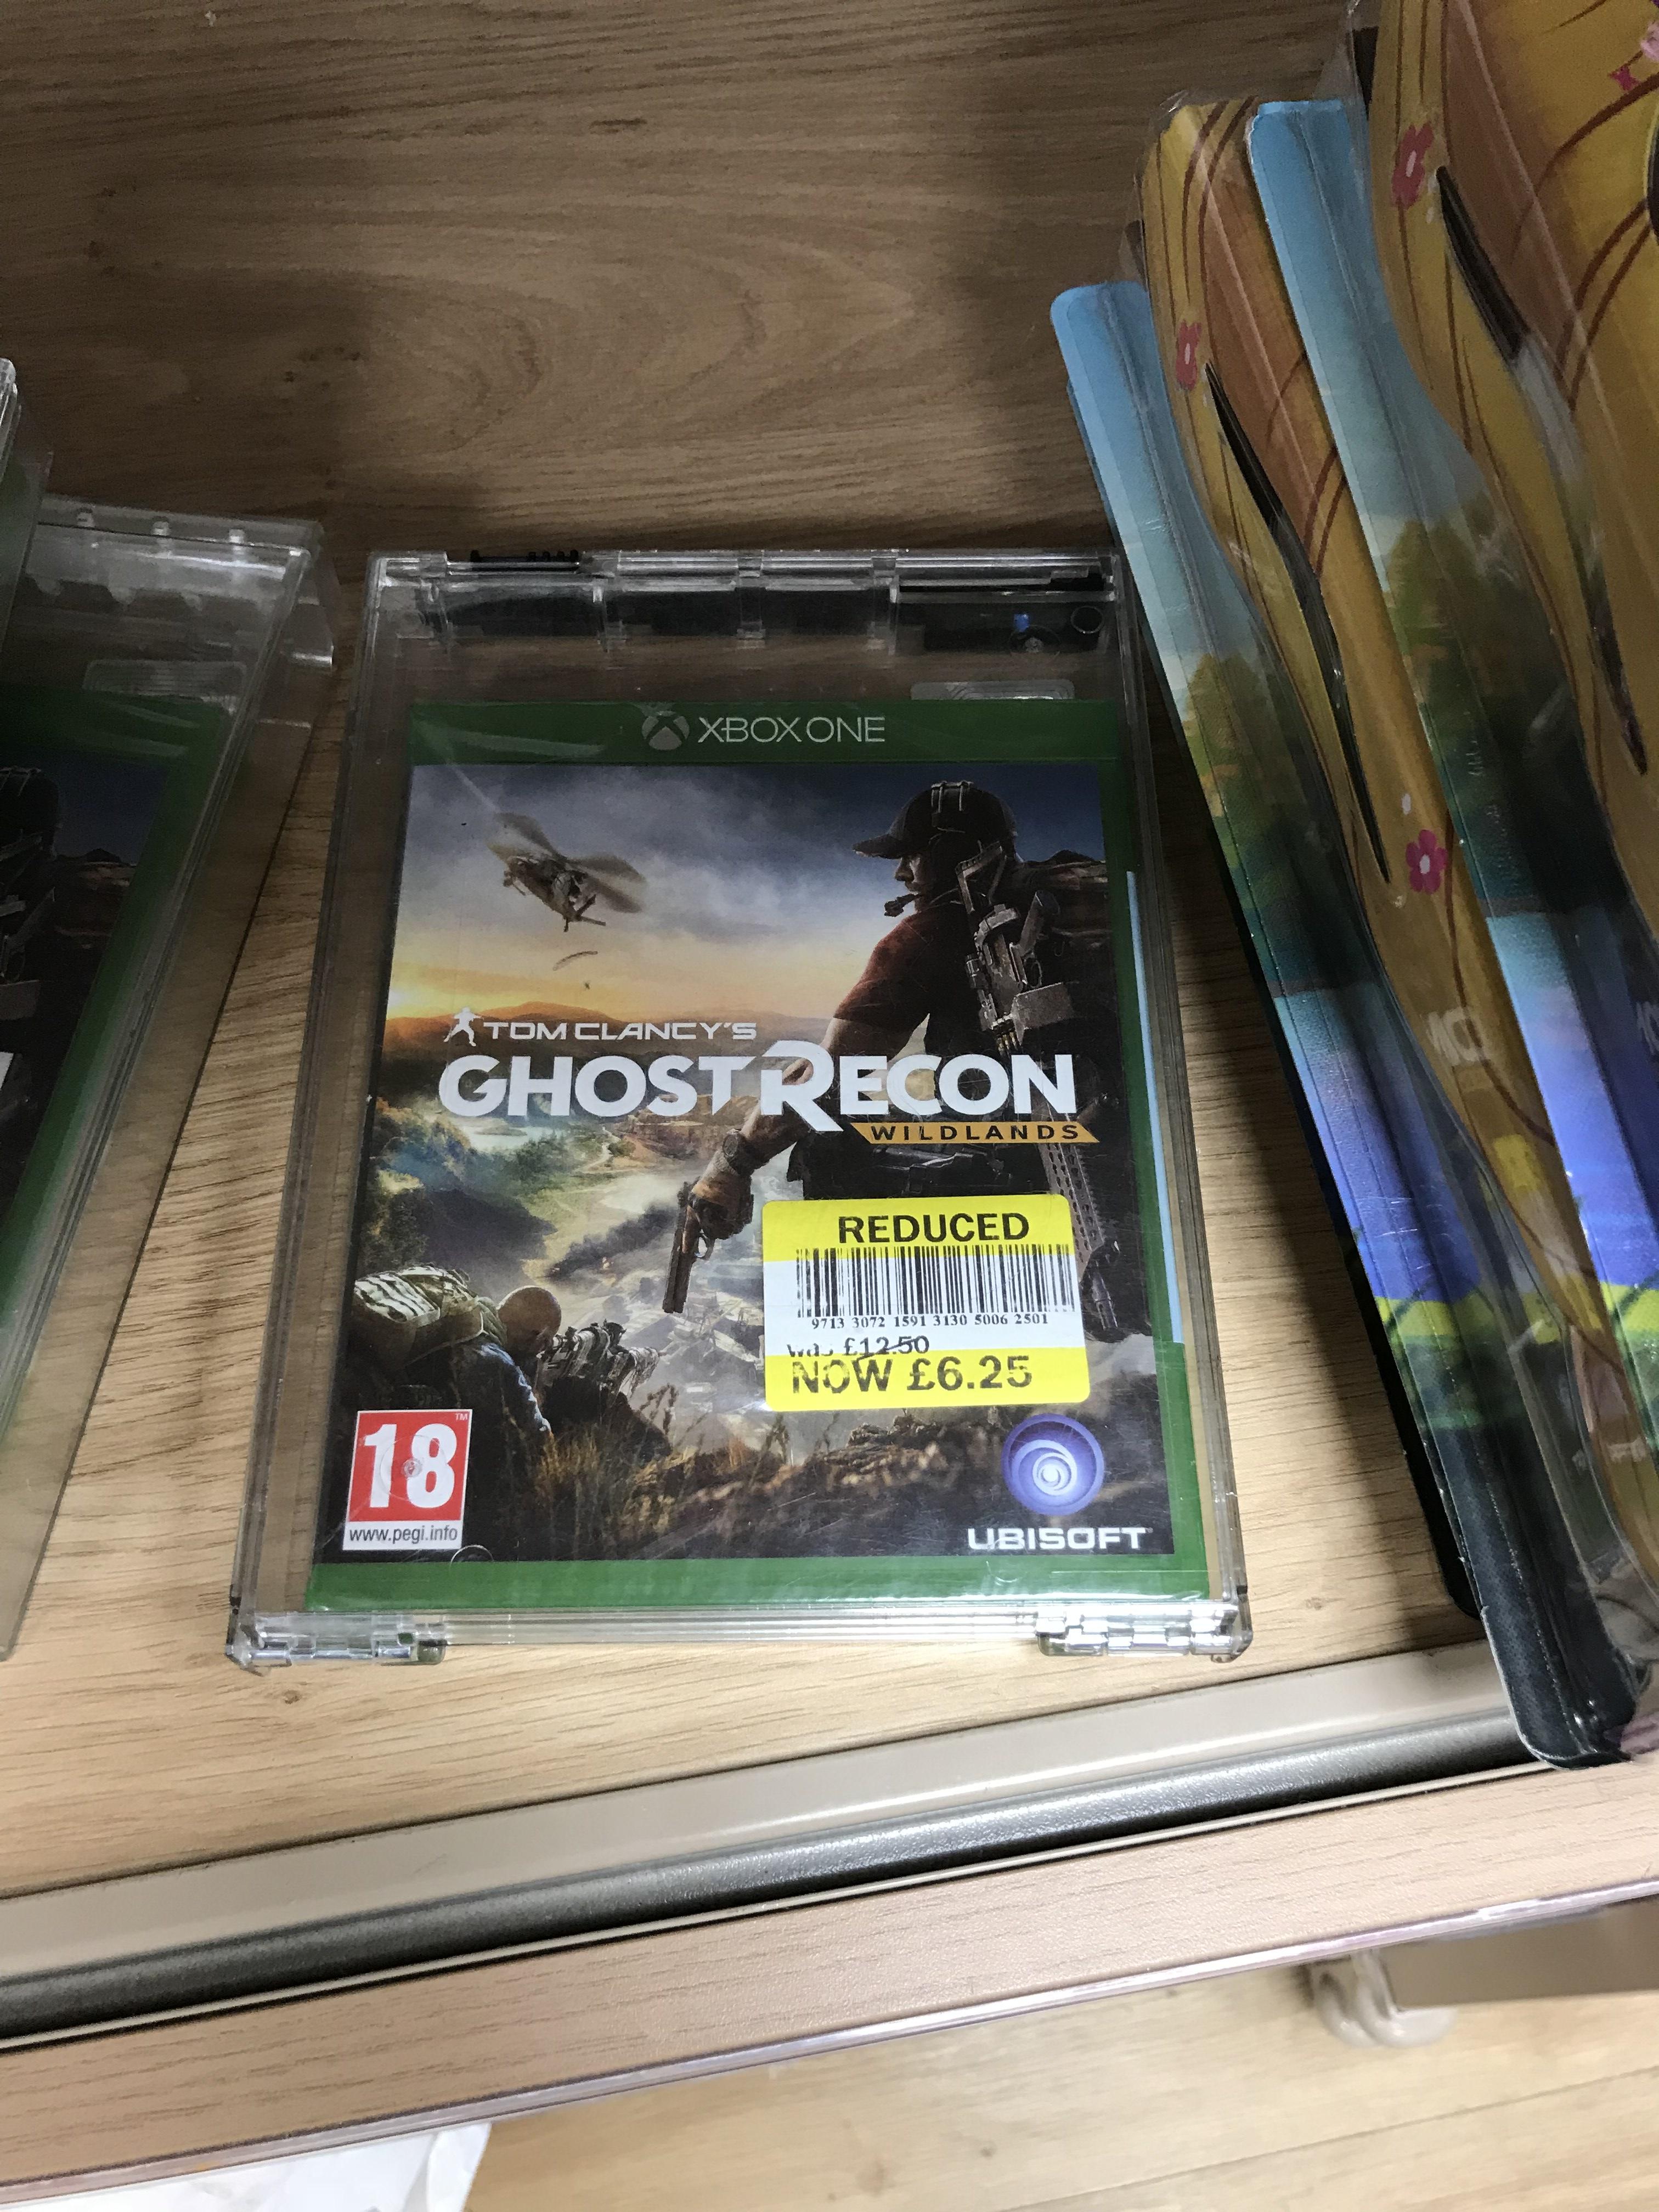 Ghost recon Wildlands Xbox  £6.25 instore @ Tesco (Ipswich)